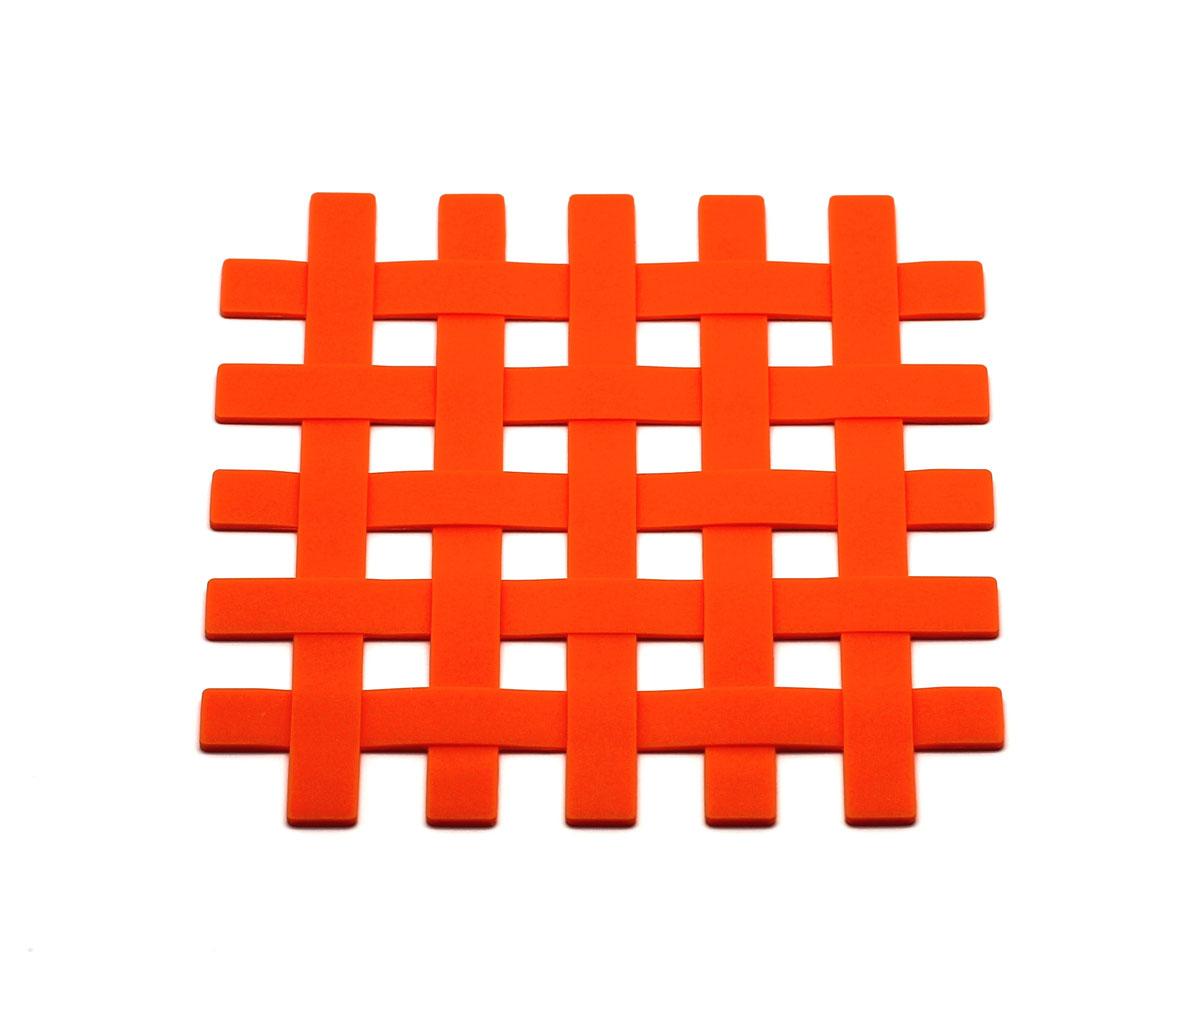 Подставка под горячее Atlantis Решетка, цвет: оранжевый, 17,5 см х 17,5 см54 009312Подставка под горячее Atlantis Решетка изготовлена из высококачественного пищевого силикона. Выдерживает температуру до +230°С, не впитывает запахи и предохраняет поверхность вашего стола от высоких температур. Оригинальный дизайн внесет свежесть и новизну в интерьер вашей кухни. Подставка под горячее станет незаменимым помощником на кухне. Легко моется в посудомоечной машине.